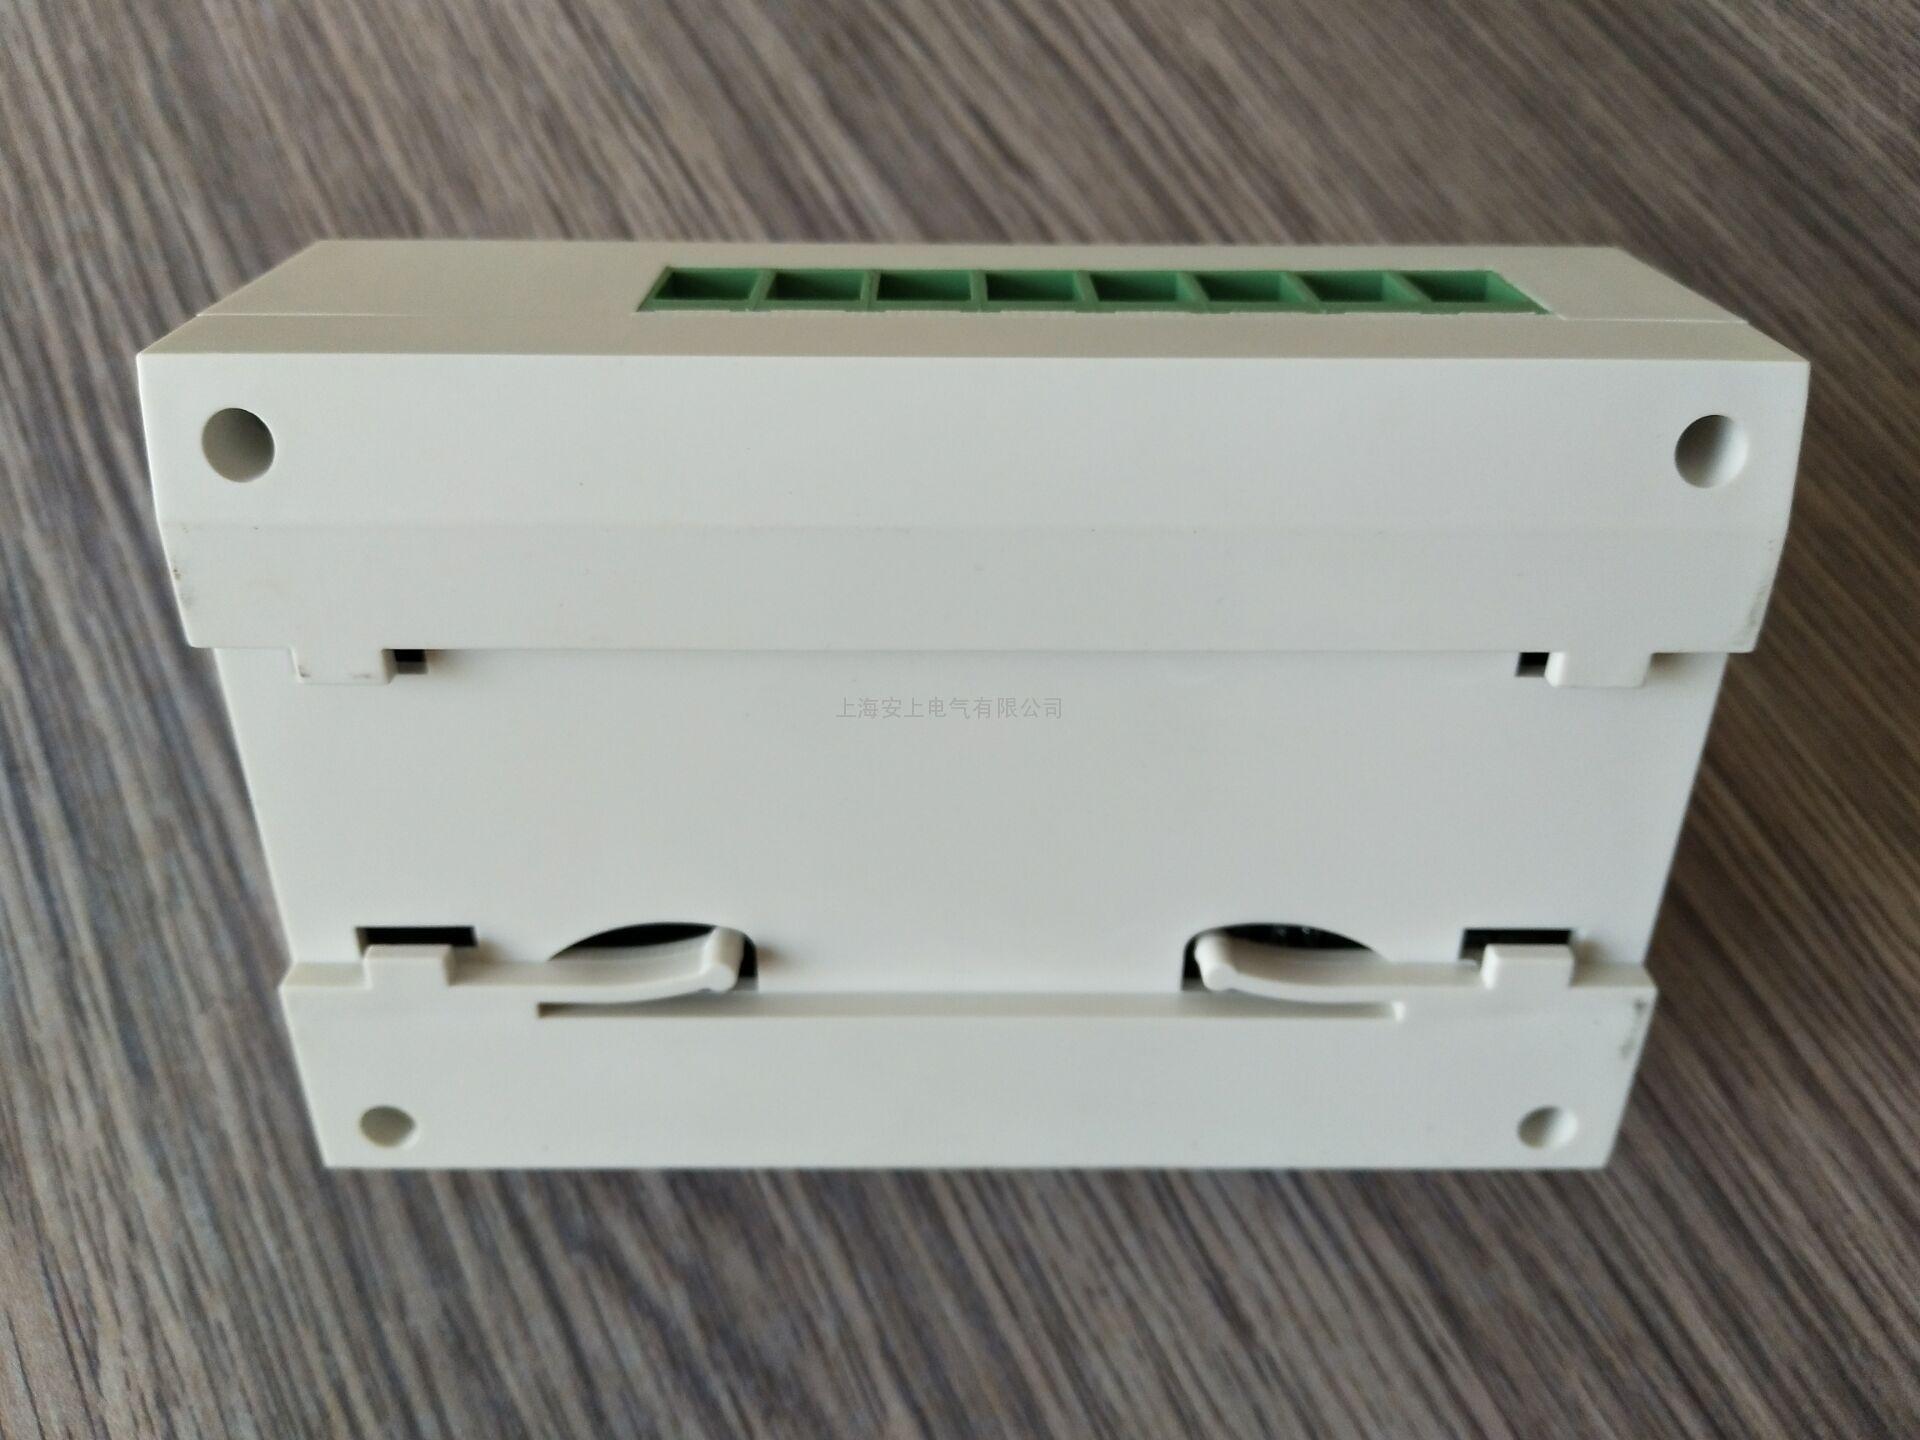 安沃ASZ-0416 4路智能照明控制模块 开关驱动模块生产厂家 价格